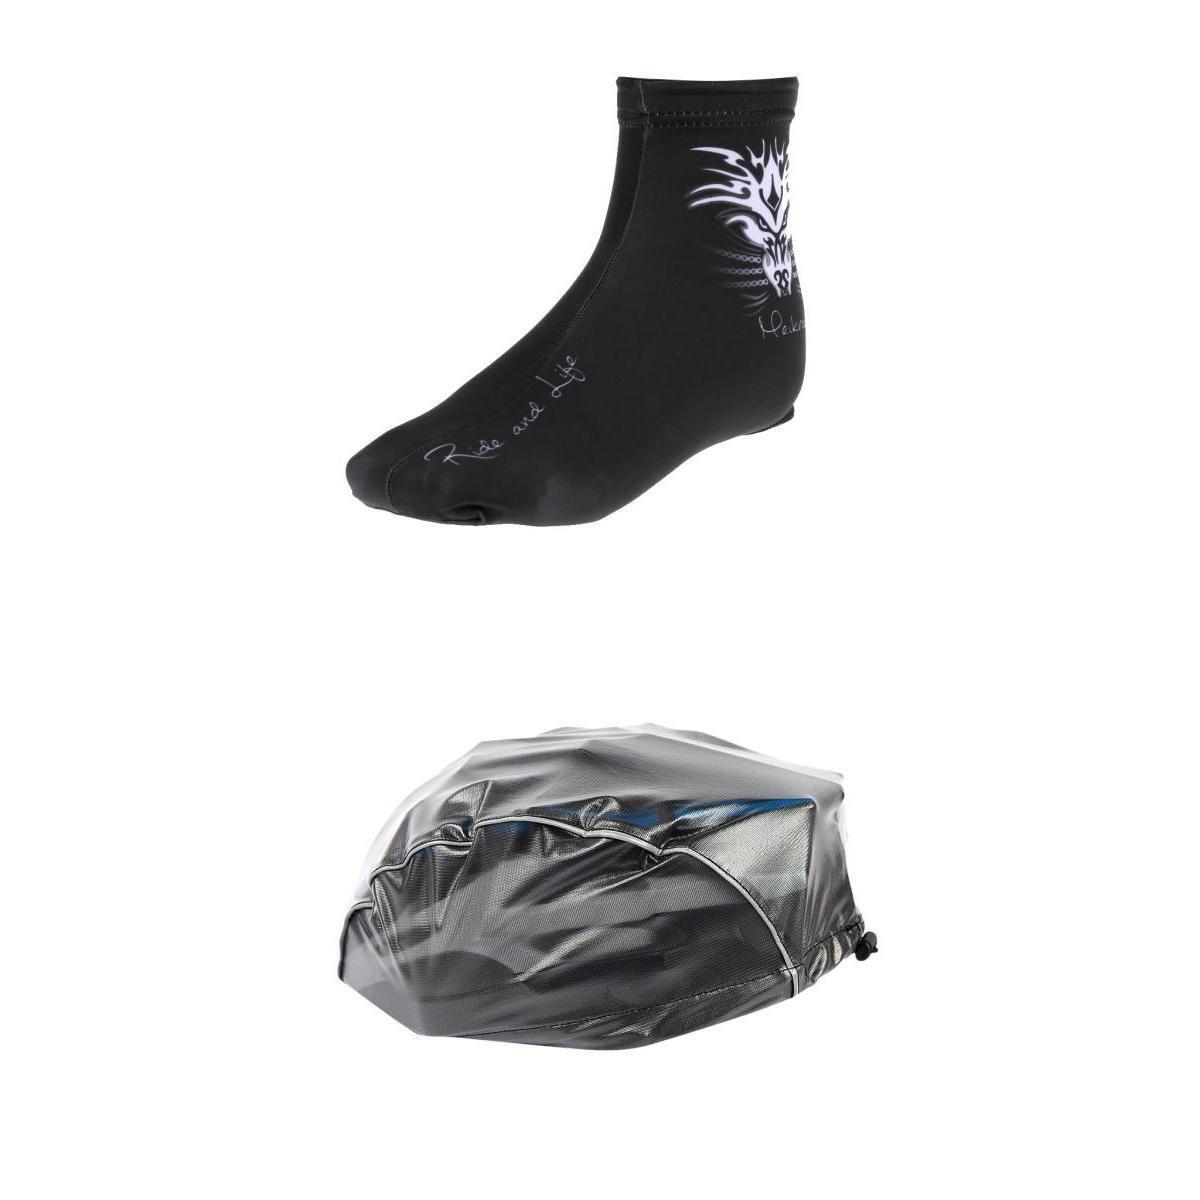 D DOLITY Premium Bolsas Protectoras de Zapatos y Cascos para ...